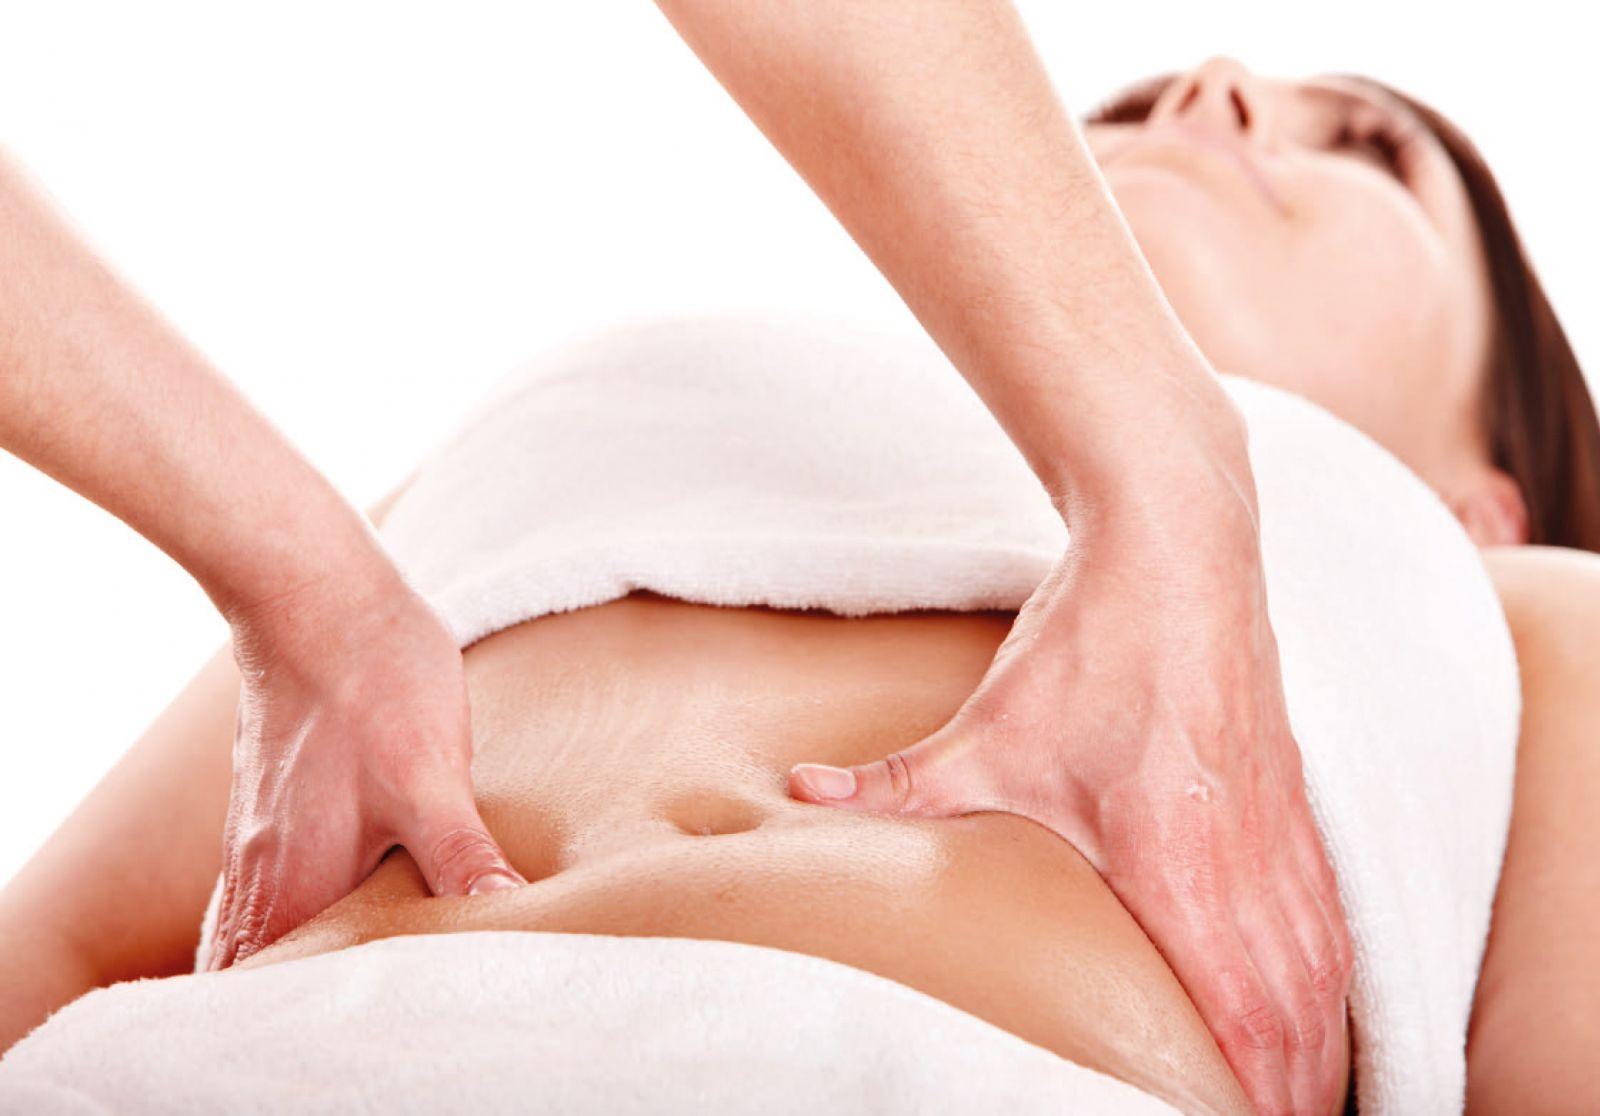 papka-foto-byuti-podgotovka-k-vesne-pravila-ukhoda-za-kozhejj-i-volosami-limfodrenazhnyjj-massazh